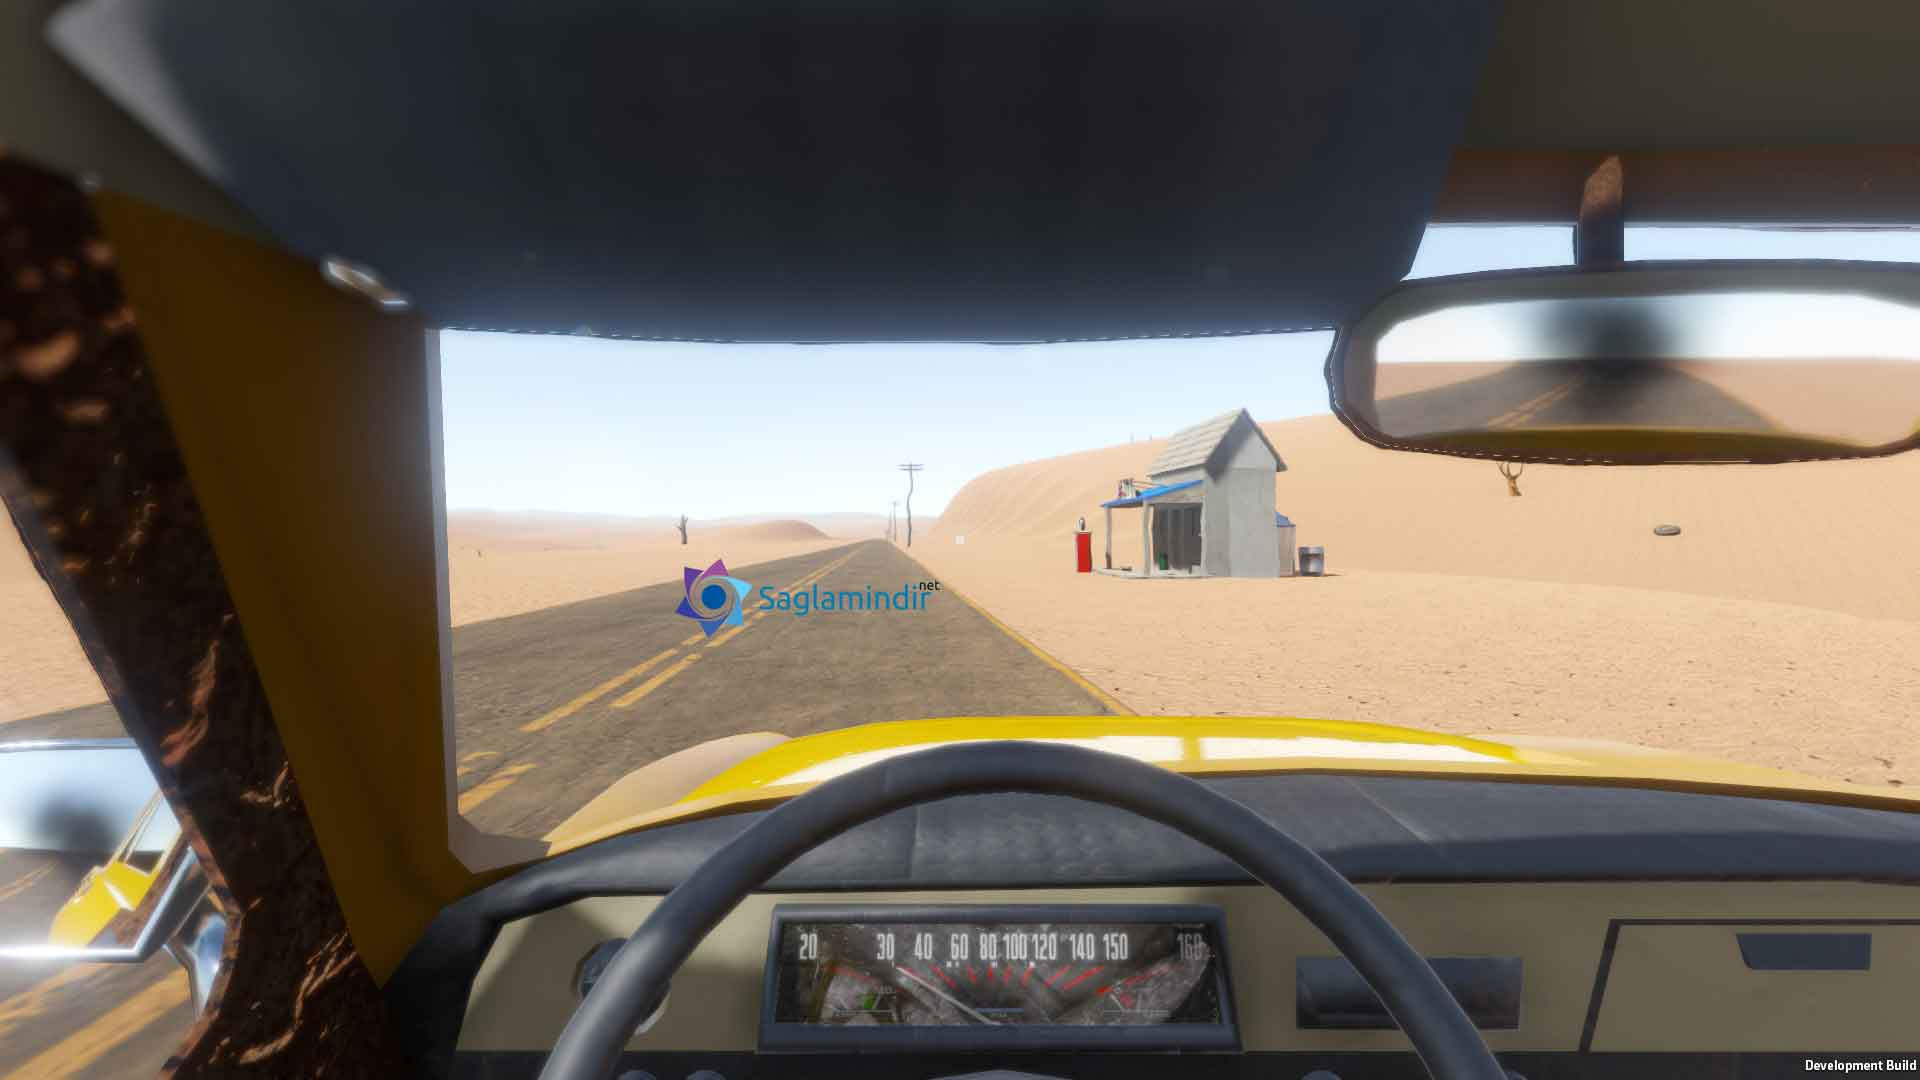 The Long Drive saglamindir